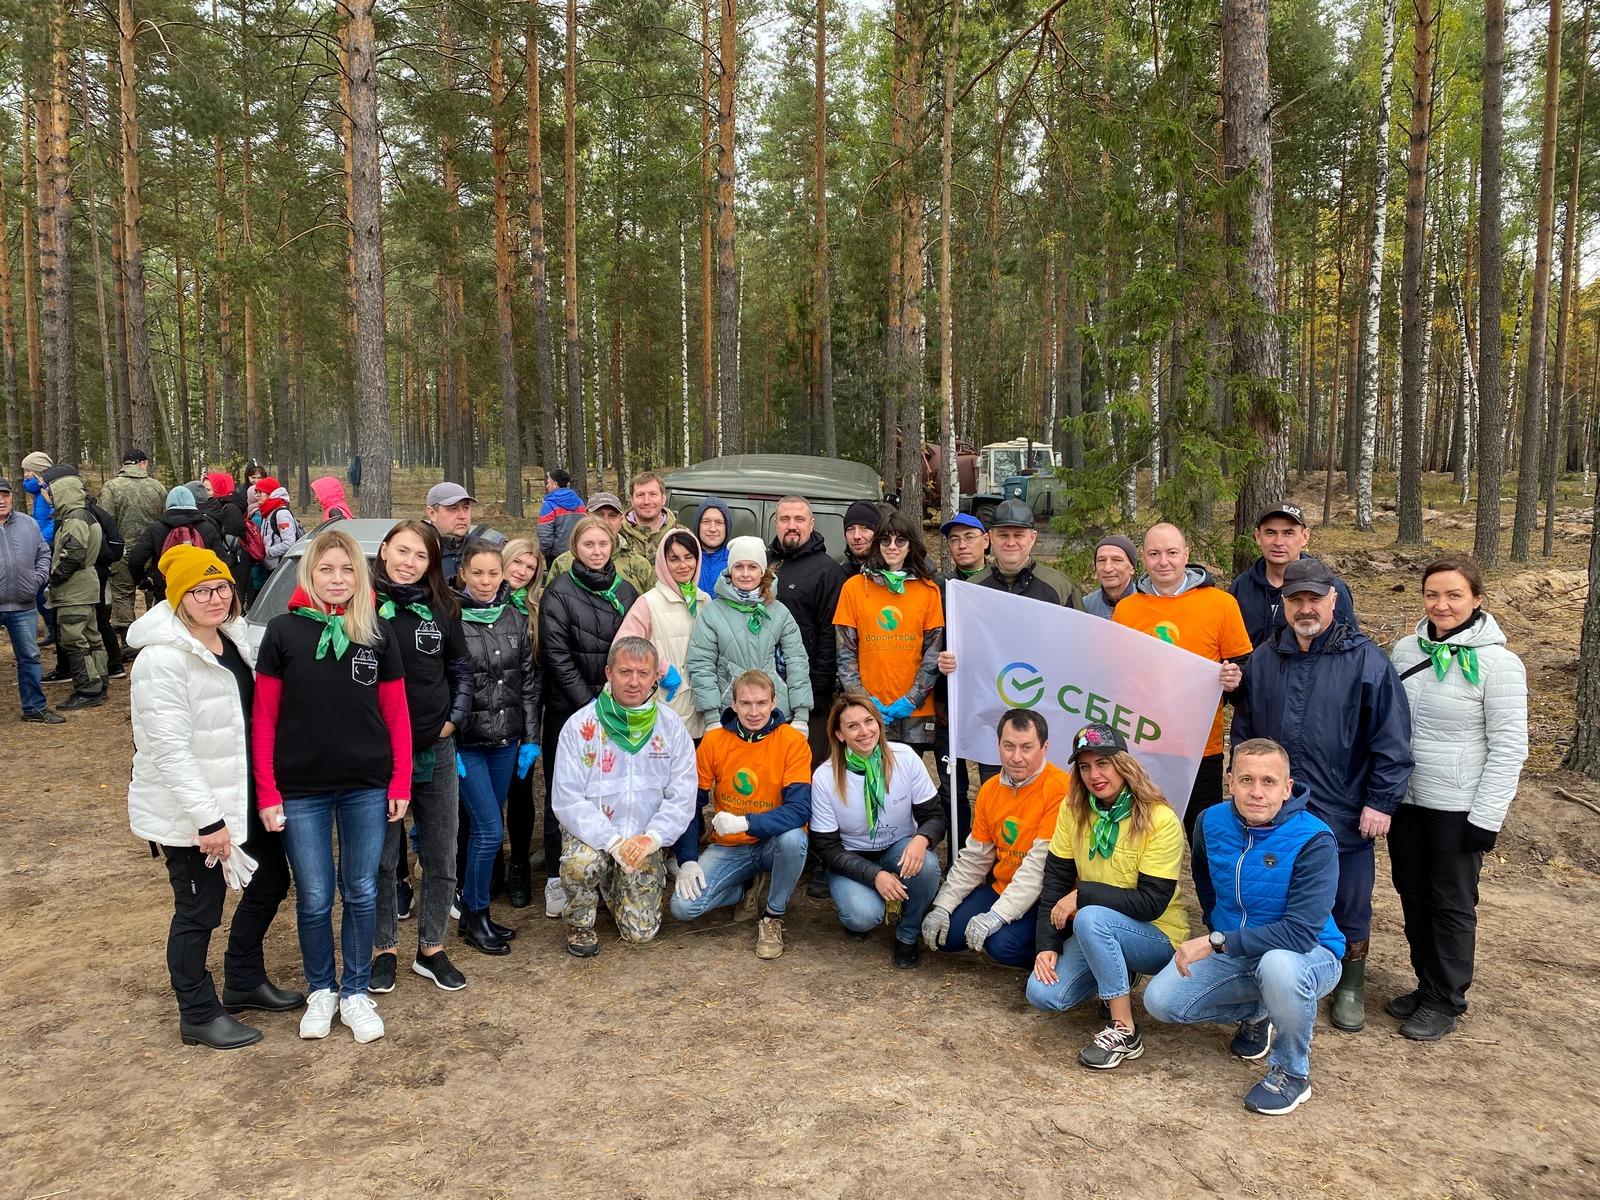 Сбербанк активно участвует в восстановлении лесного массива в Марийском крае после пожаров